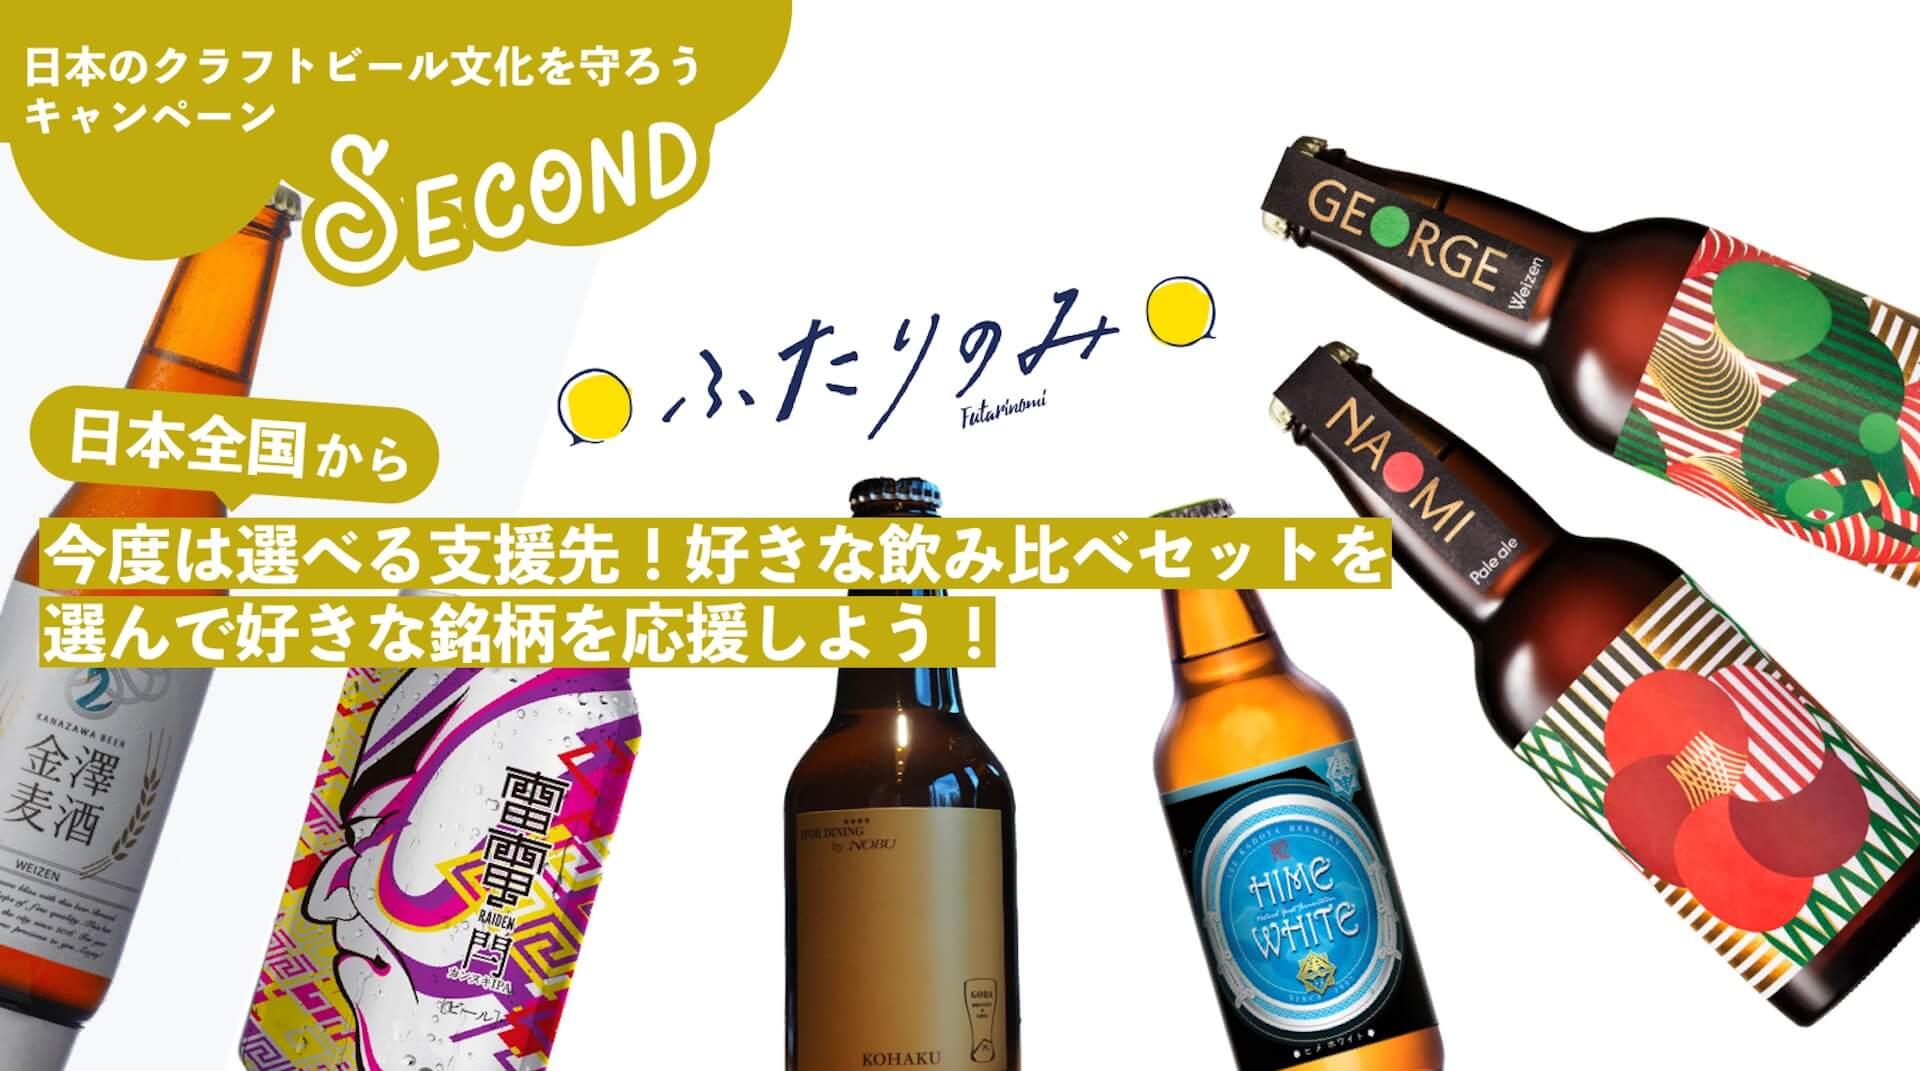 「日本のクラフトビール文化を守ろう」キャンペーン第2弾が始動!4地方別のブルワリー応援6本セットが登場 gourmet200420_hutarinomi_01